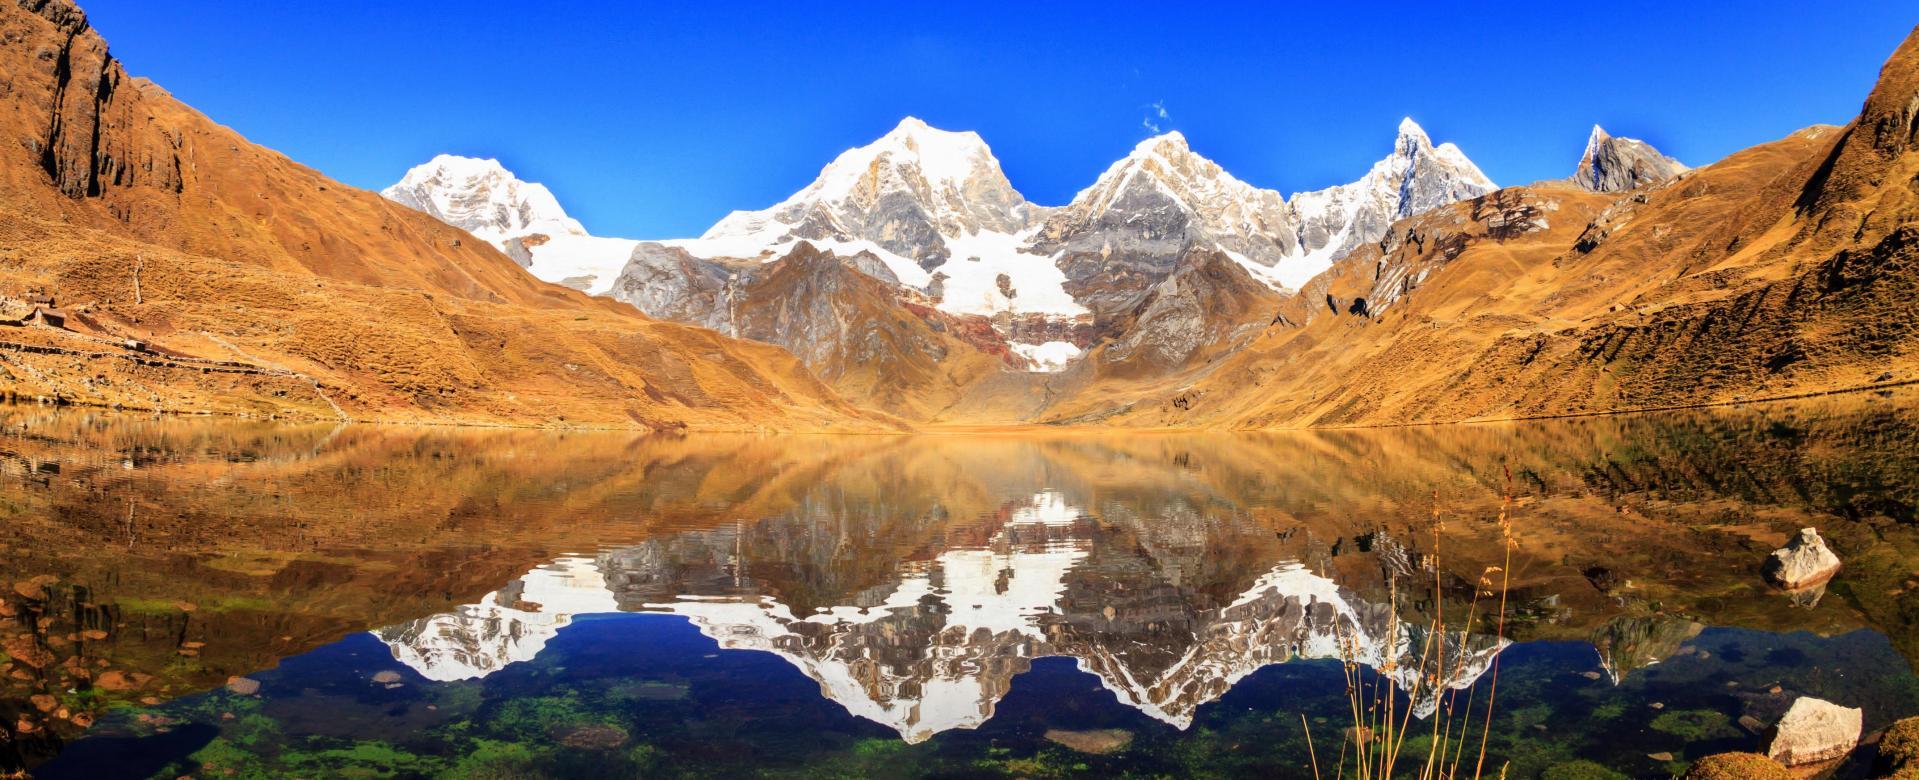 Voyage à pied :  le tour de huayhuash